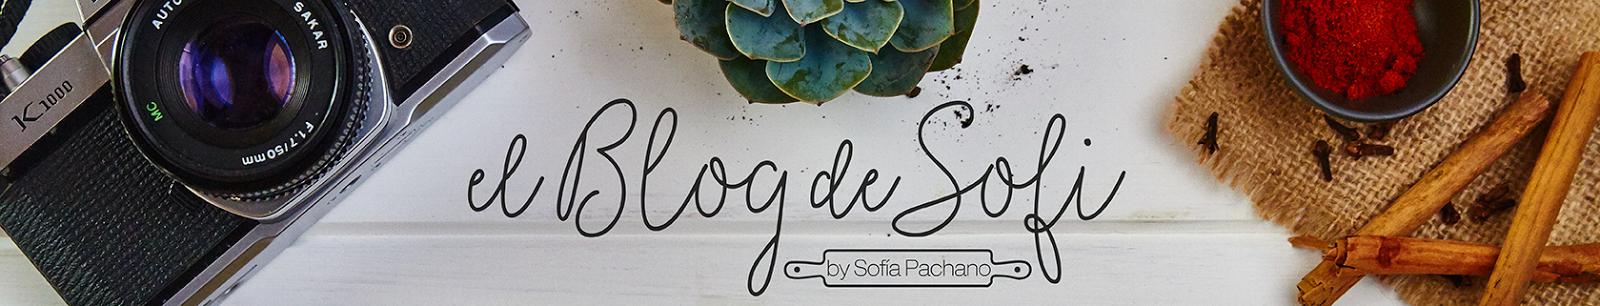 El Blog de Sofi